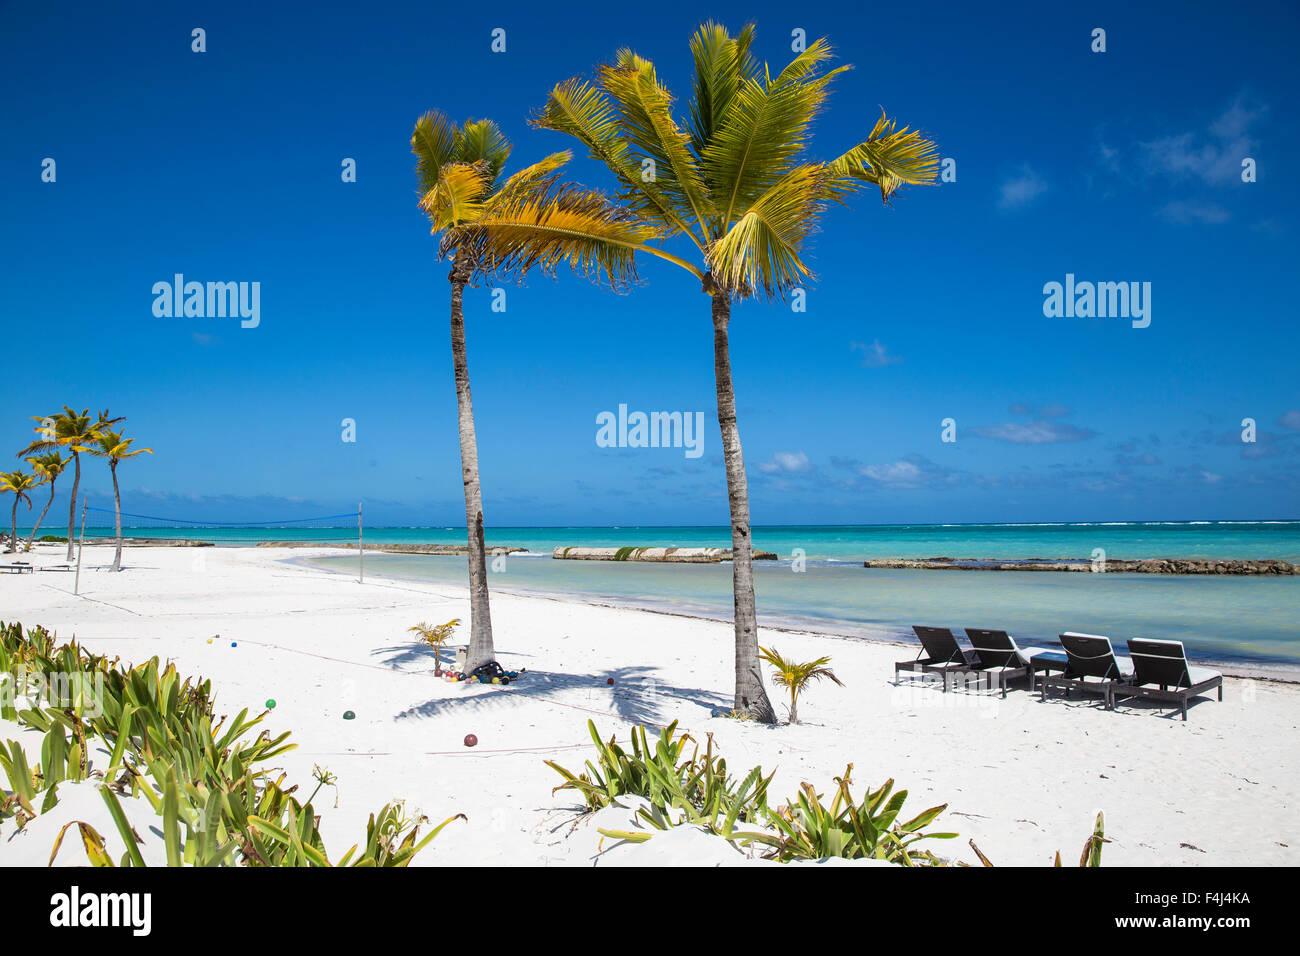 Spiaggia a anche del Mar resort di Punta Cana, Repubblica Dominicana, West Indies, dei Caraibi e America centrale Immagini Stock